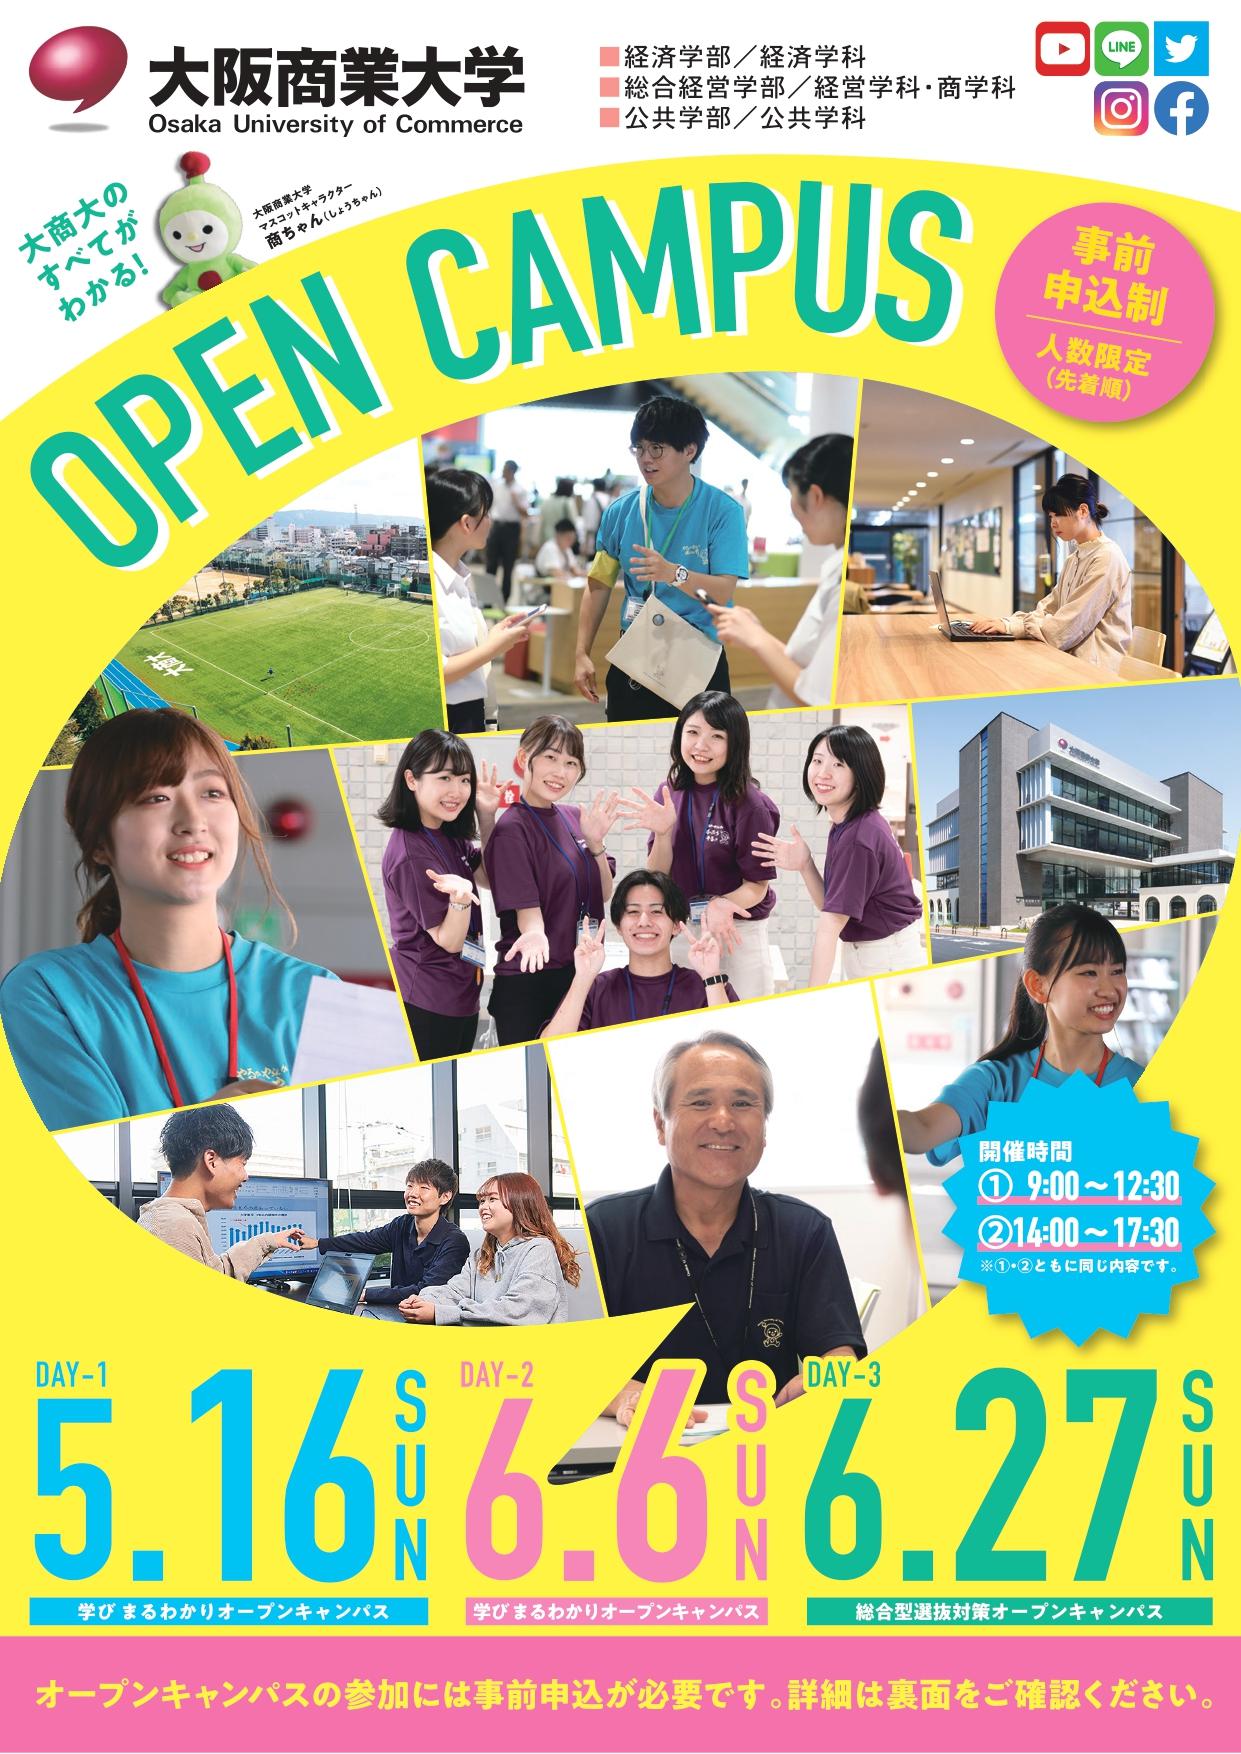 大阪商業大学様_A4チラシ_ミニ 3_page-0001.jpg